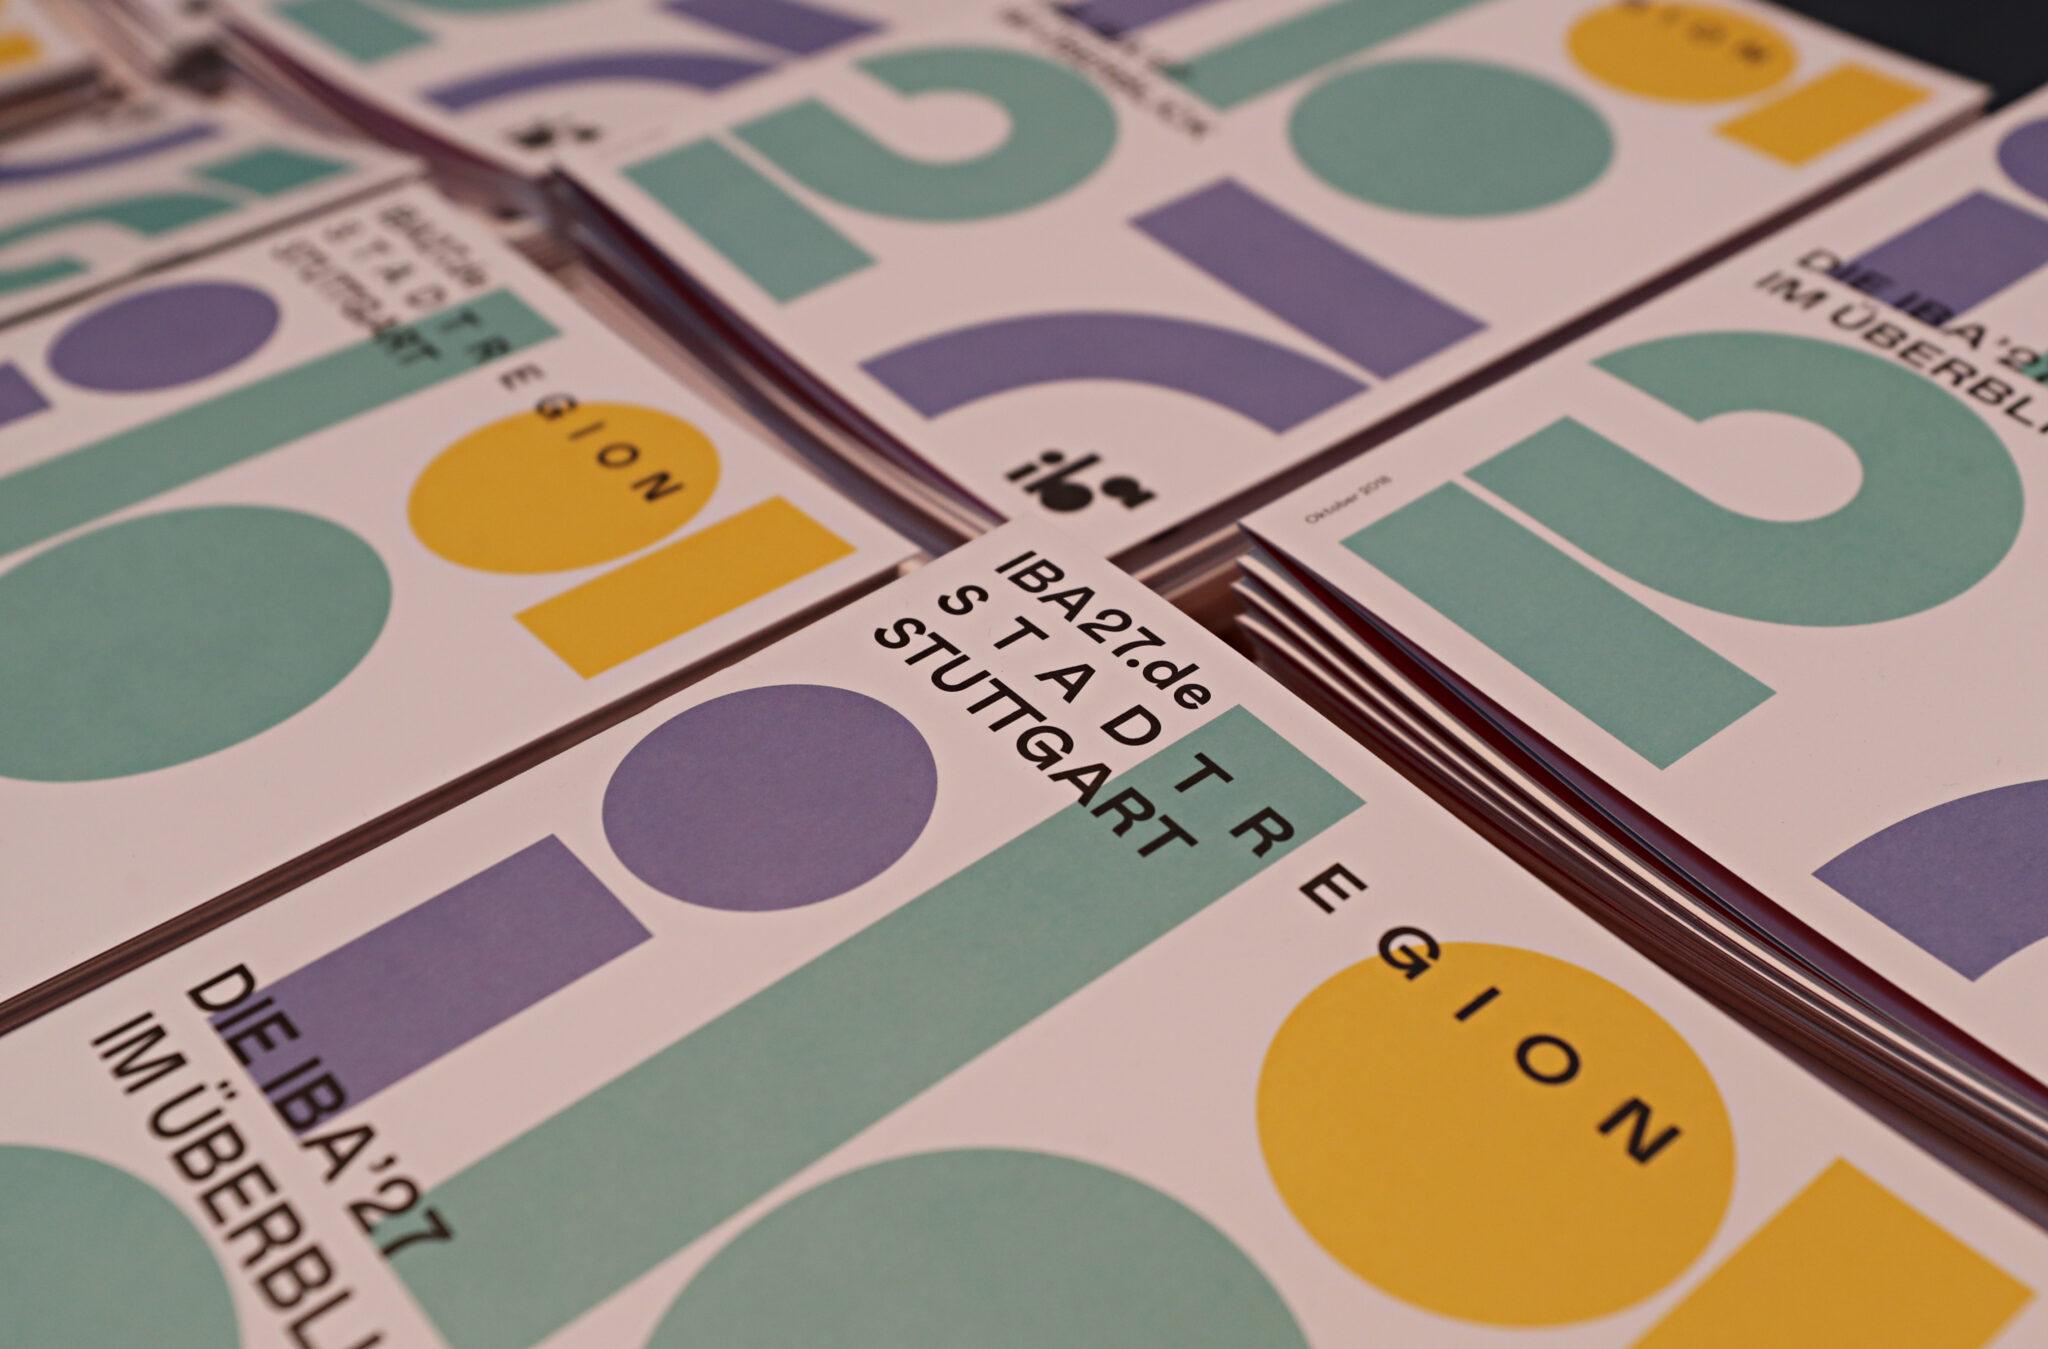 Synonymbild zur IBA. Zeitschriften mit dem Logo und Kontaktdaten.